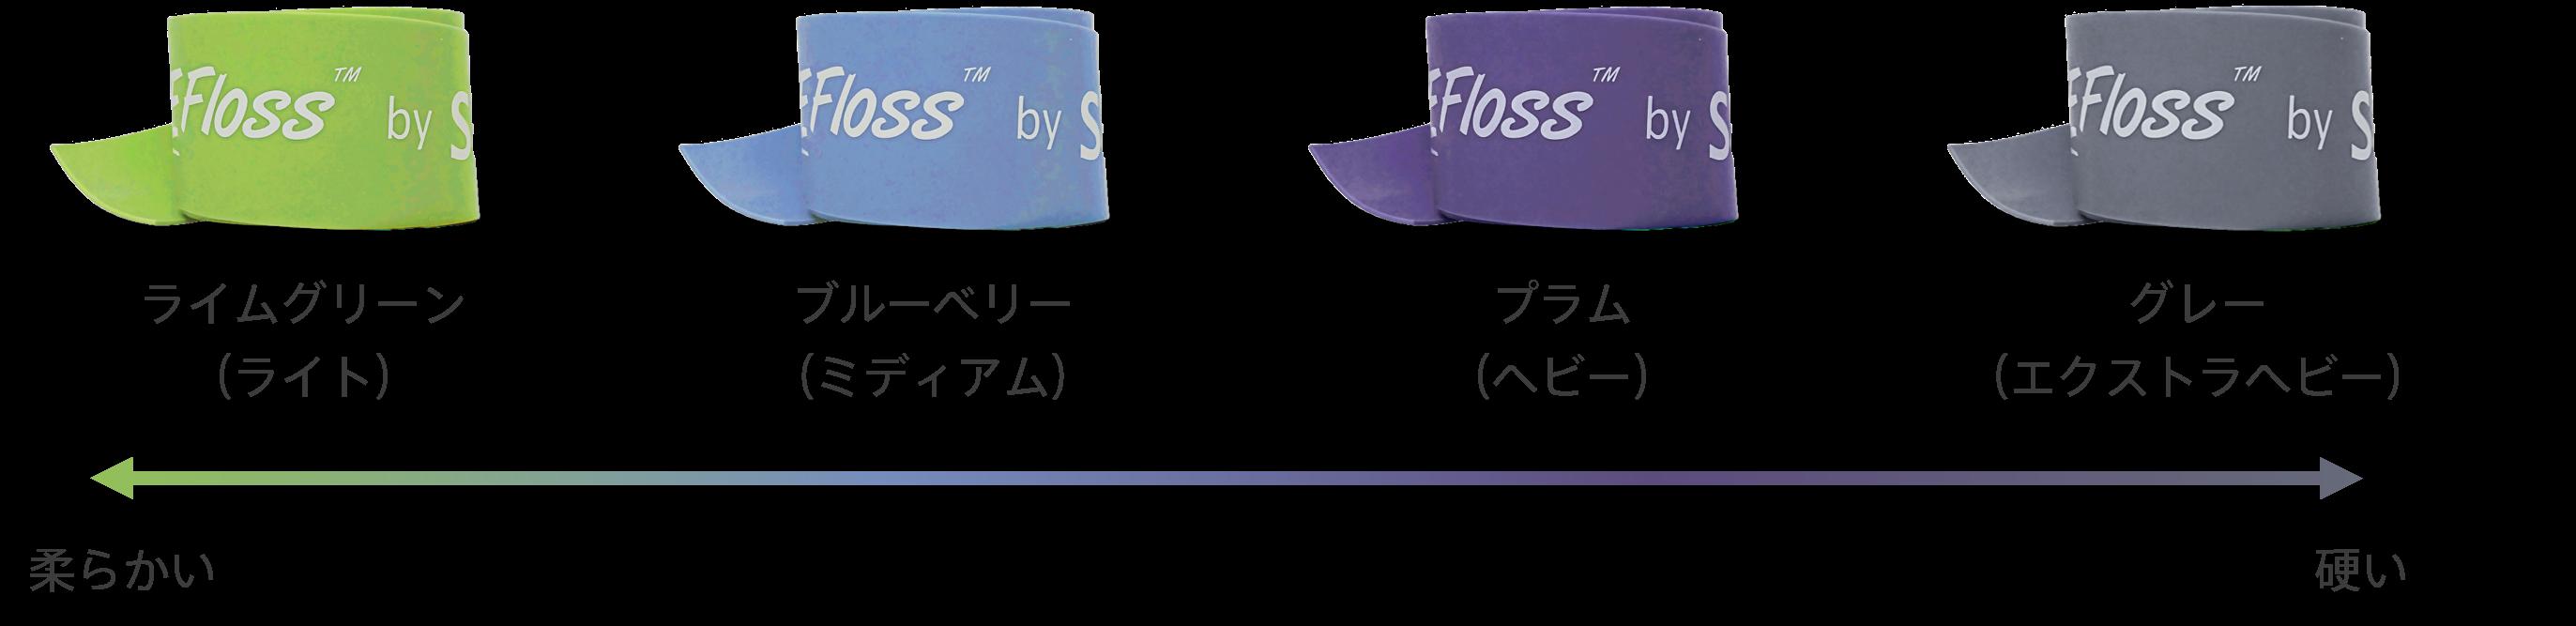 コンプレフロスには4つの強度があり、ライムグリーン、ブルーベリー、プラム、グレーの順に硬くなっていく